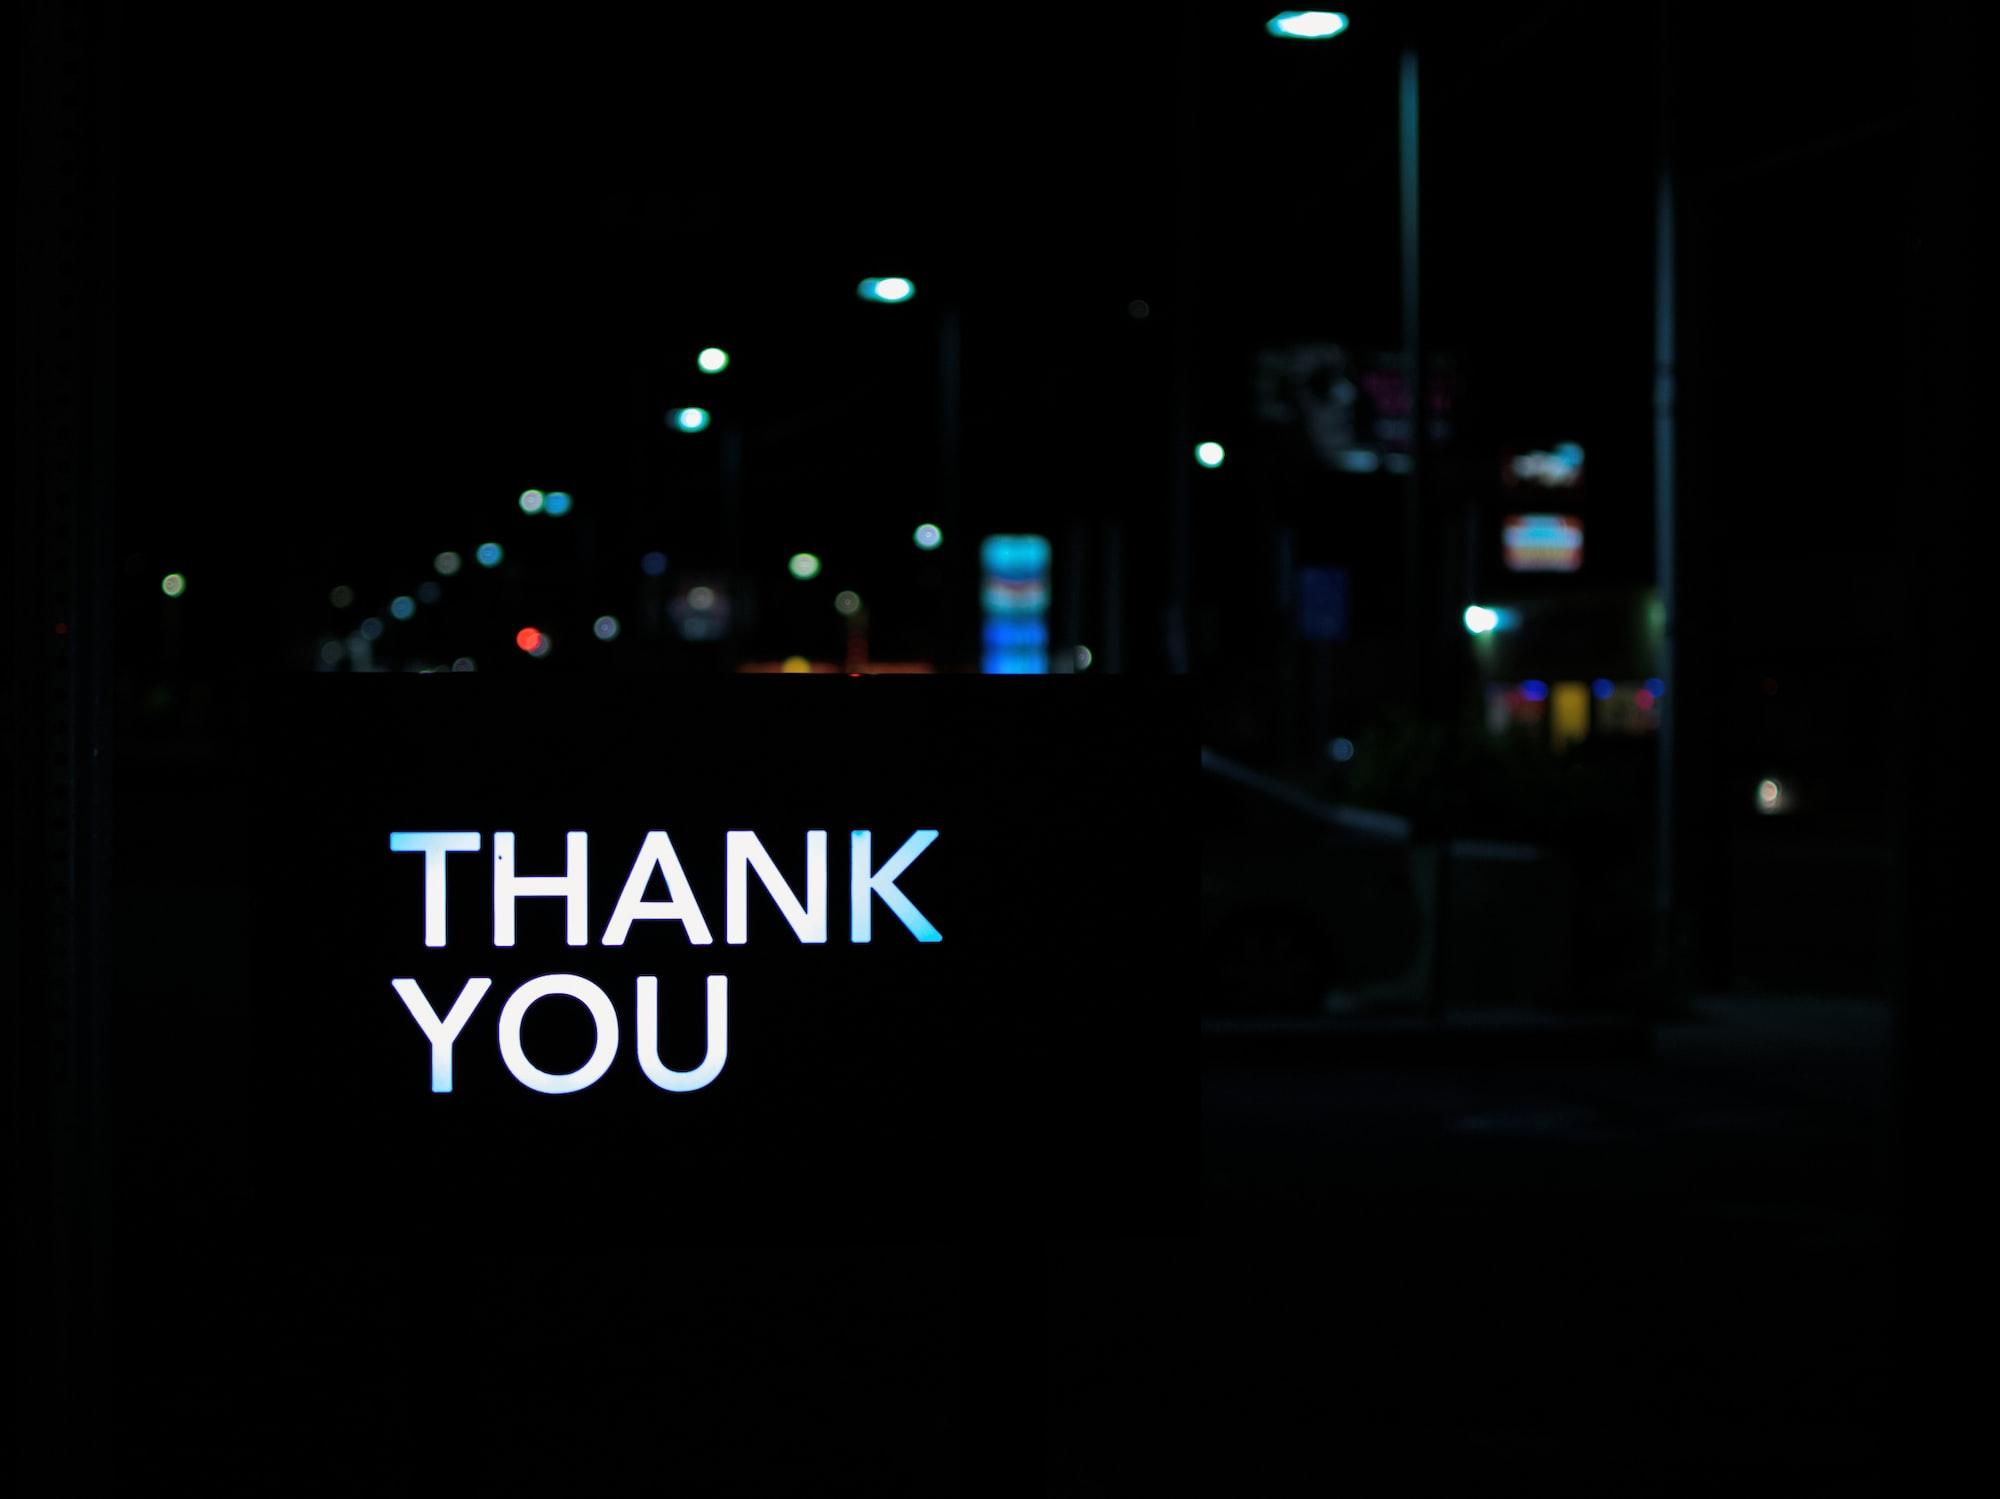 Háganlo saber, perdonen y sobre todo, agradezcan